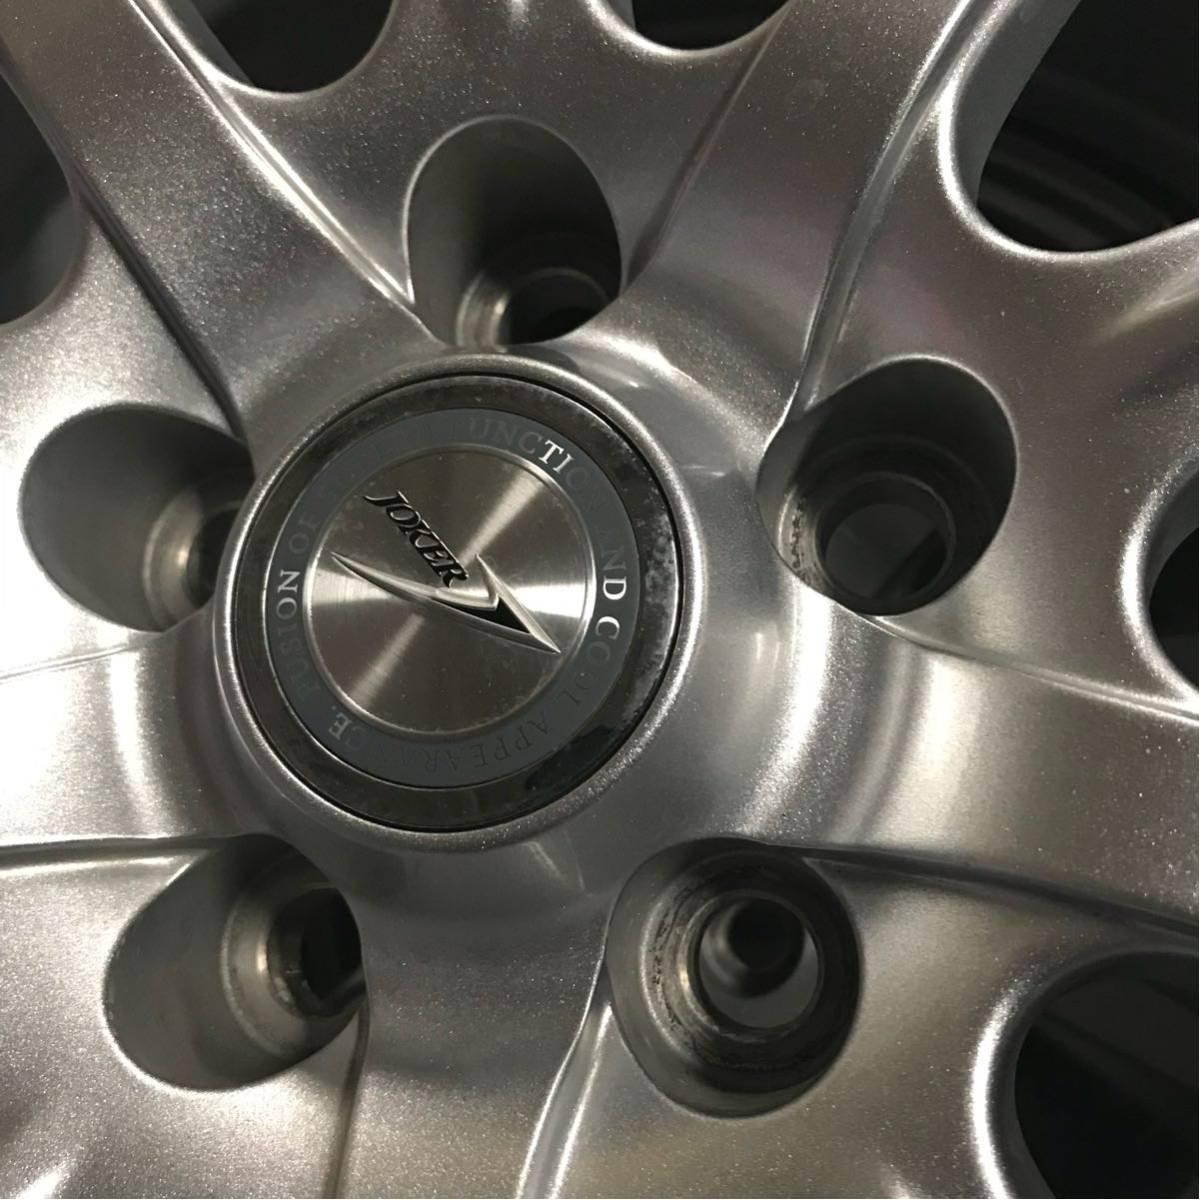 ブリジストン ブリザック REVO GZ 215/65R16 スタッドレスタイヤ ホイール 4本セット アルファード ヴェルファイア トヨタ純正ナット 対応_画像4